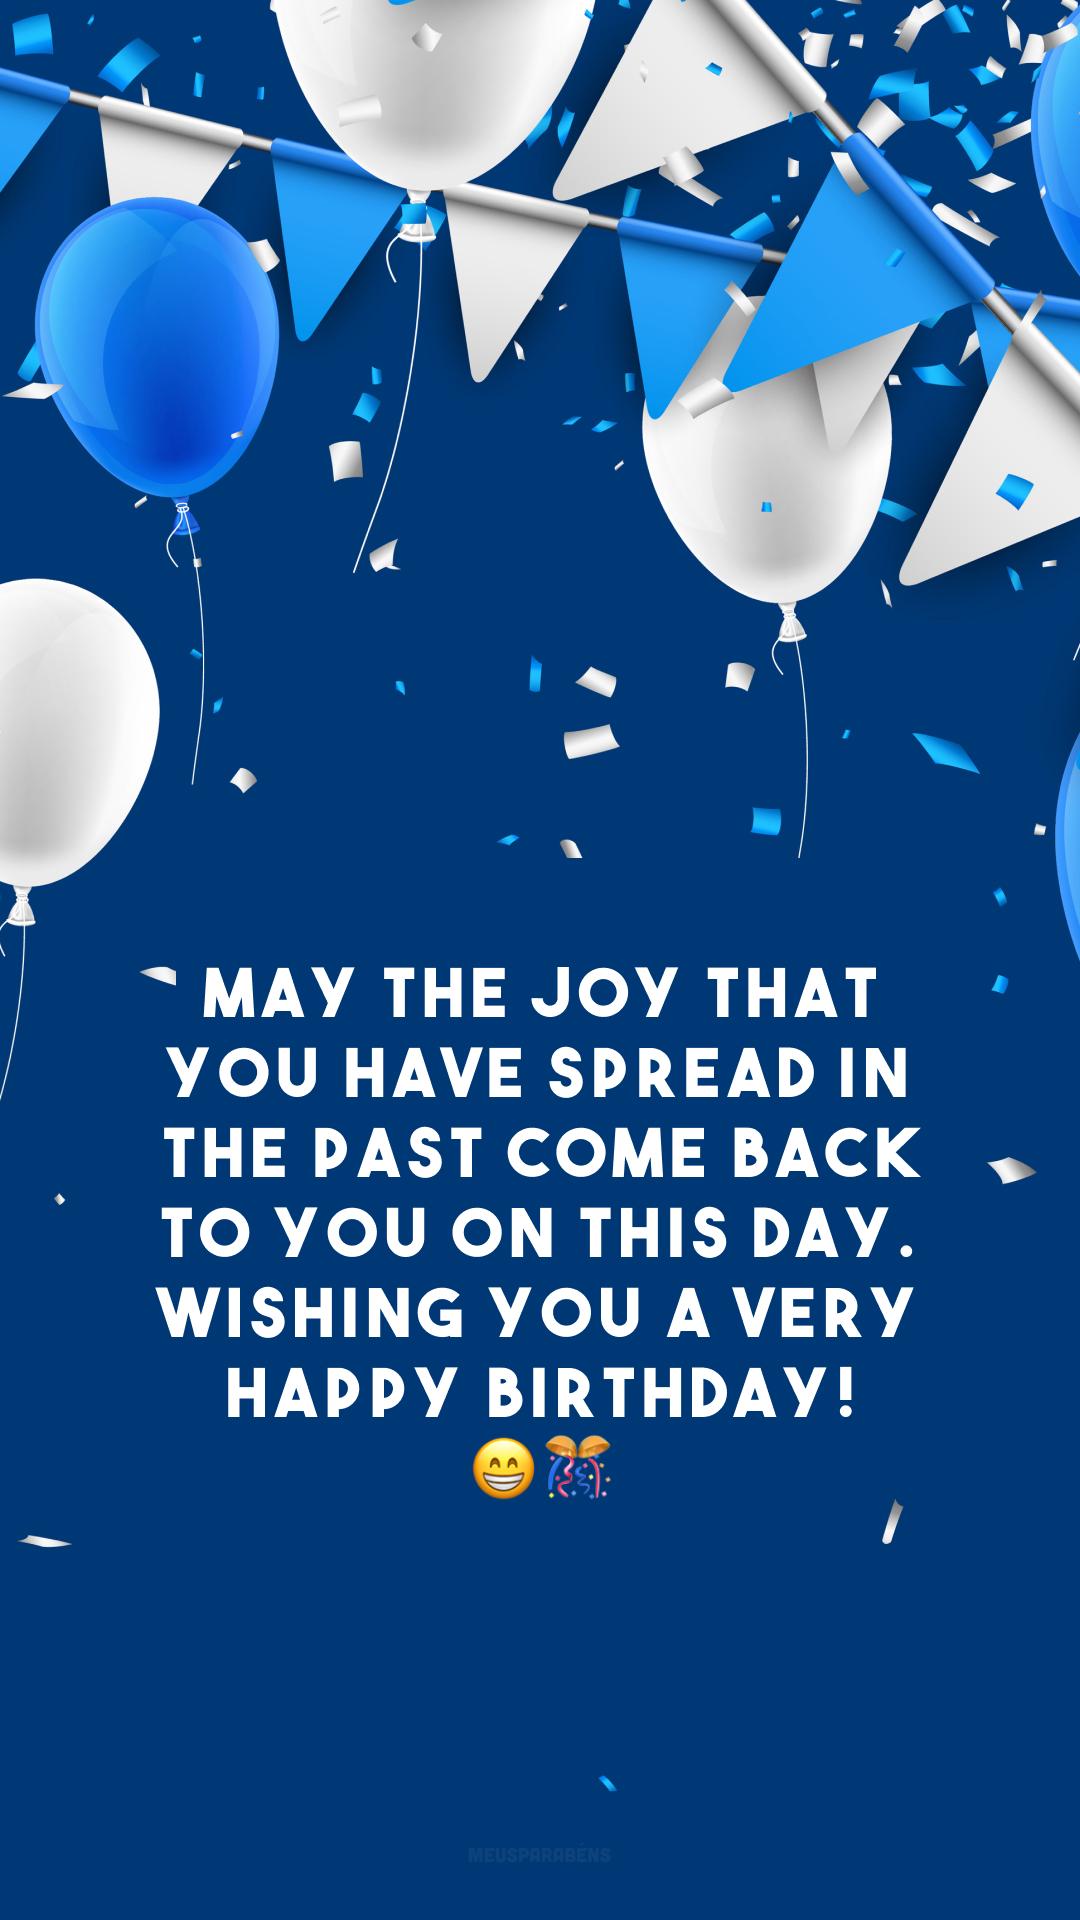 May the joy that you have spread in the past come back to you on this day. Wishing you a very happy birthday! 😁🎊 (Que a alegria que você espalhou no passado volte para você neste dia. Desejo a você um feliz aniversário!)